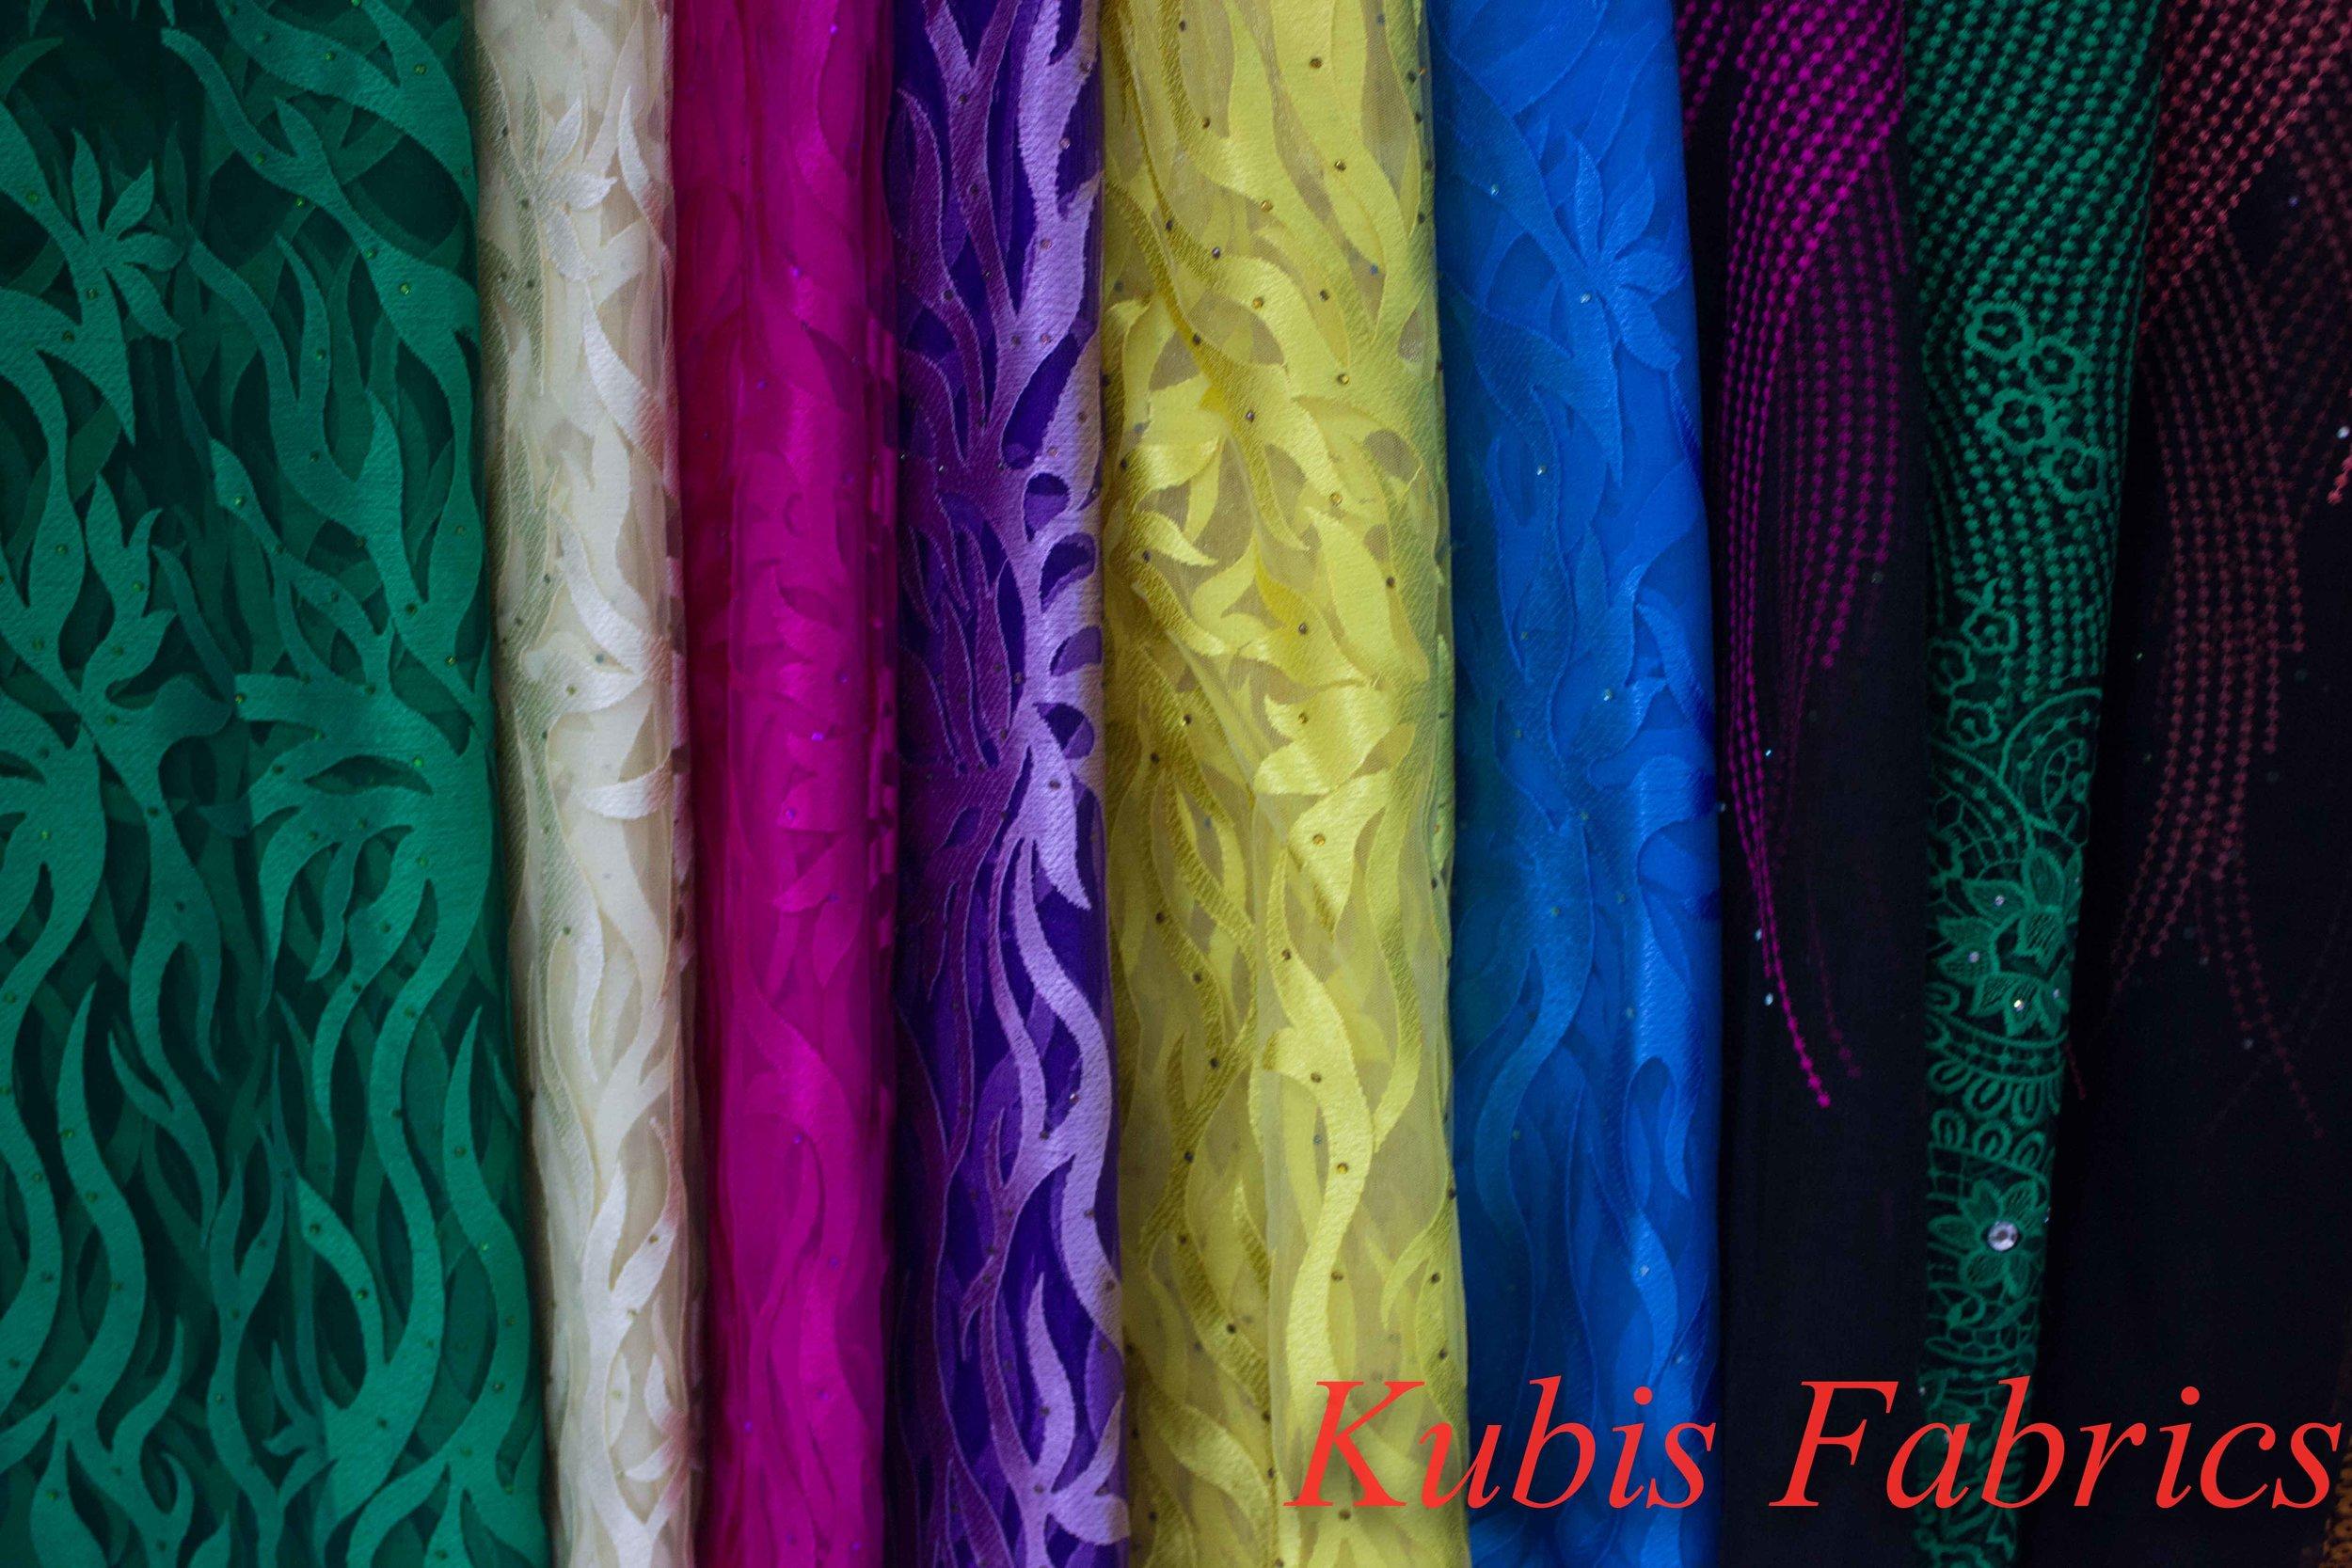 Kubis Fabrics (14 of 14)